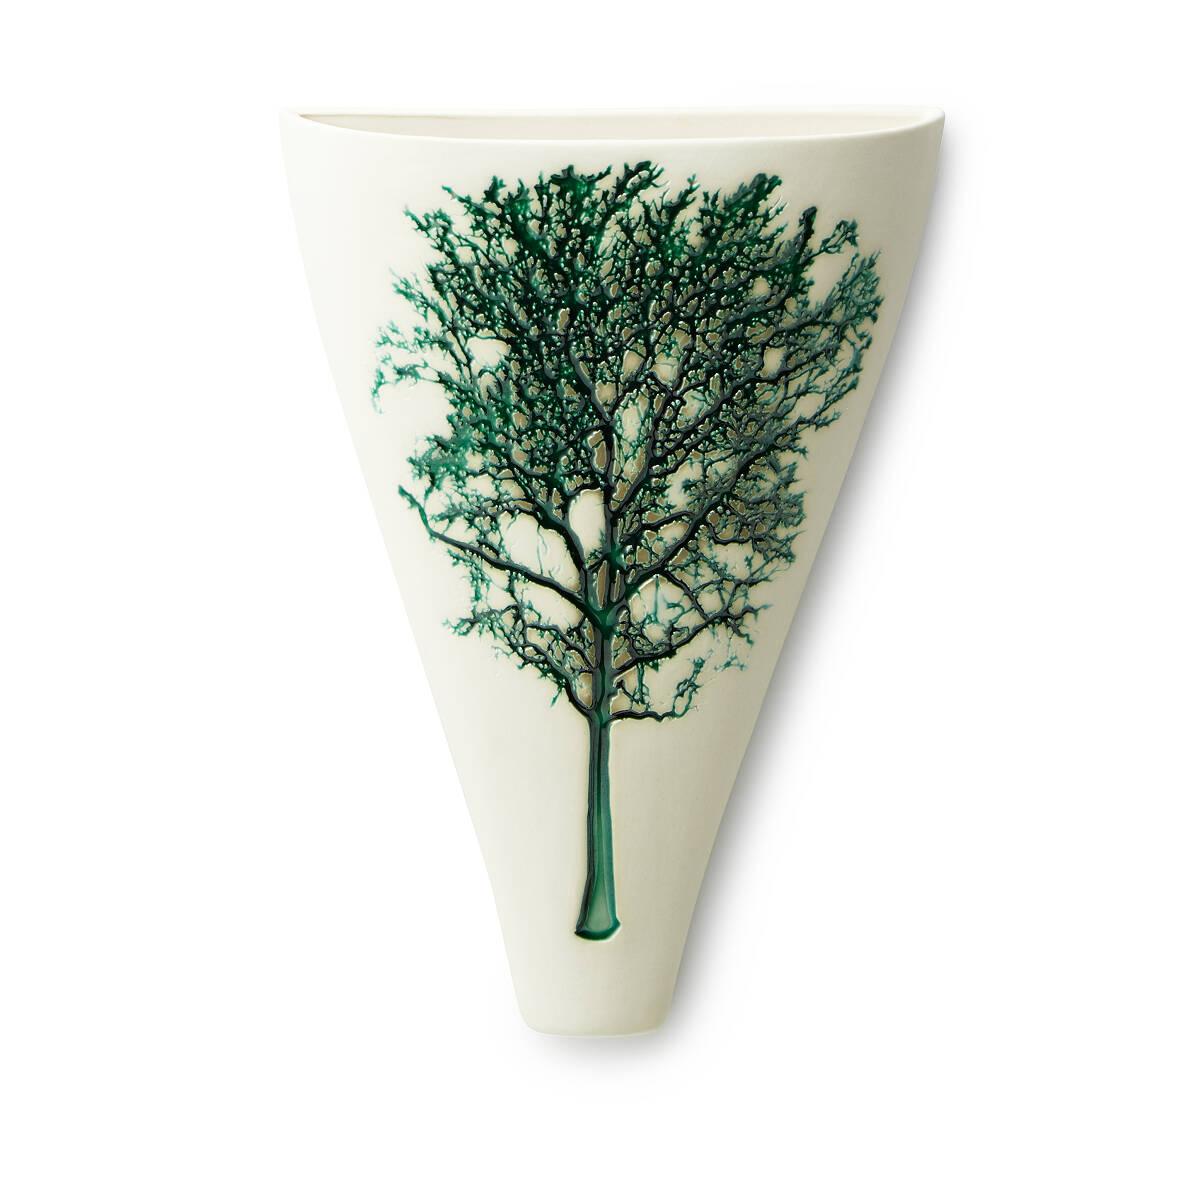 tree impression wall vase  porcelain vase  uncommongoods - tree impression wall vase  thumbnail